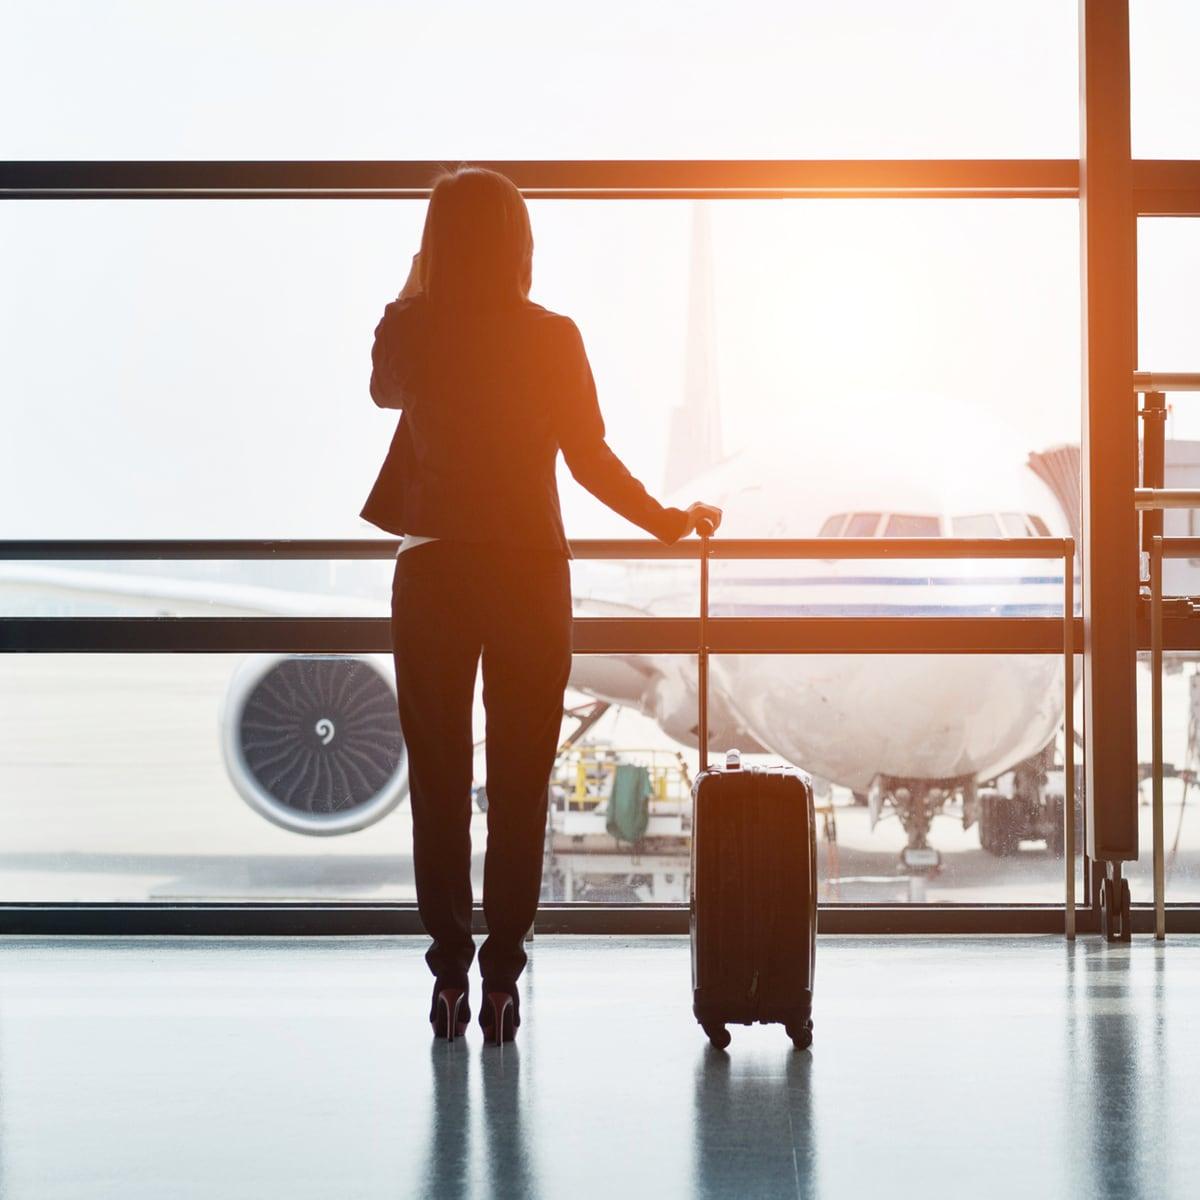 Istat: in forte flessione i viaggi per motivi di lavoro